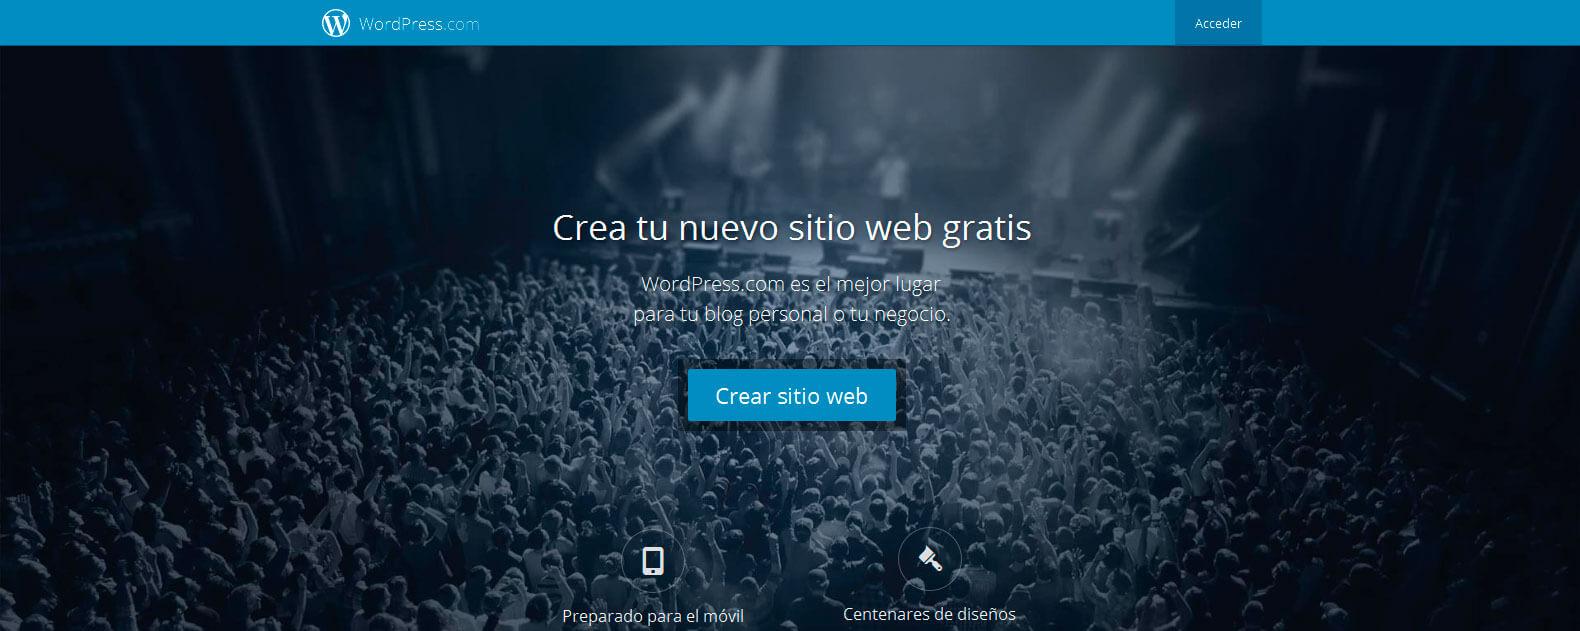 ¿Qué es un blog? - Wordpress.com para crear un blog gratis